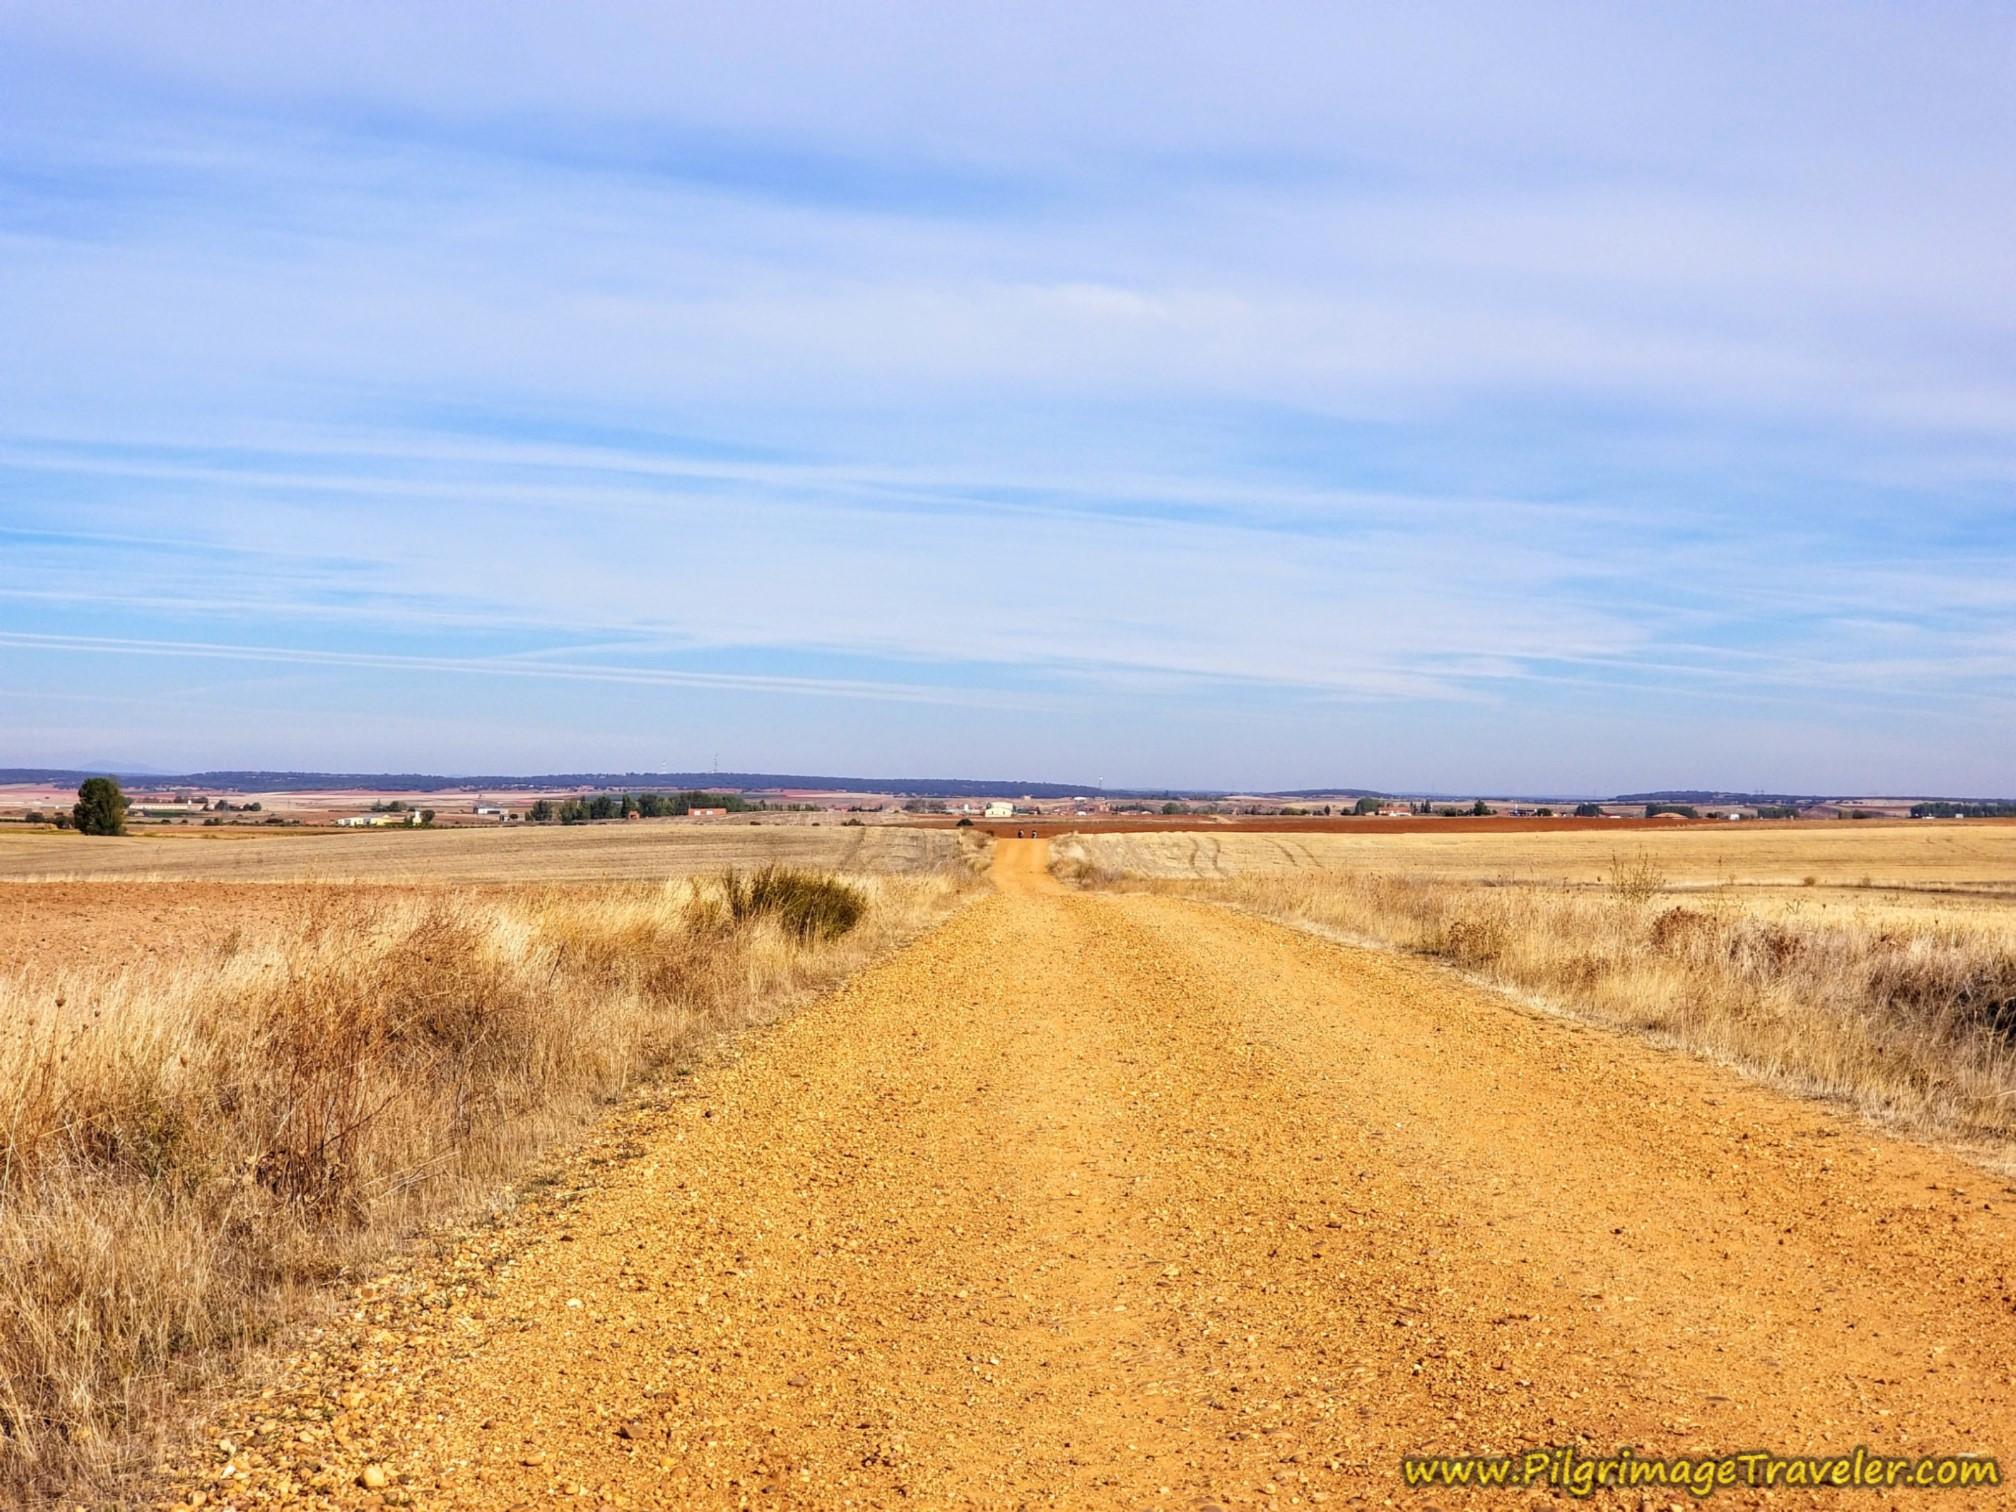 More Open Road on the Vía de la Plata from Zamora to Montamarta